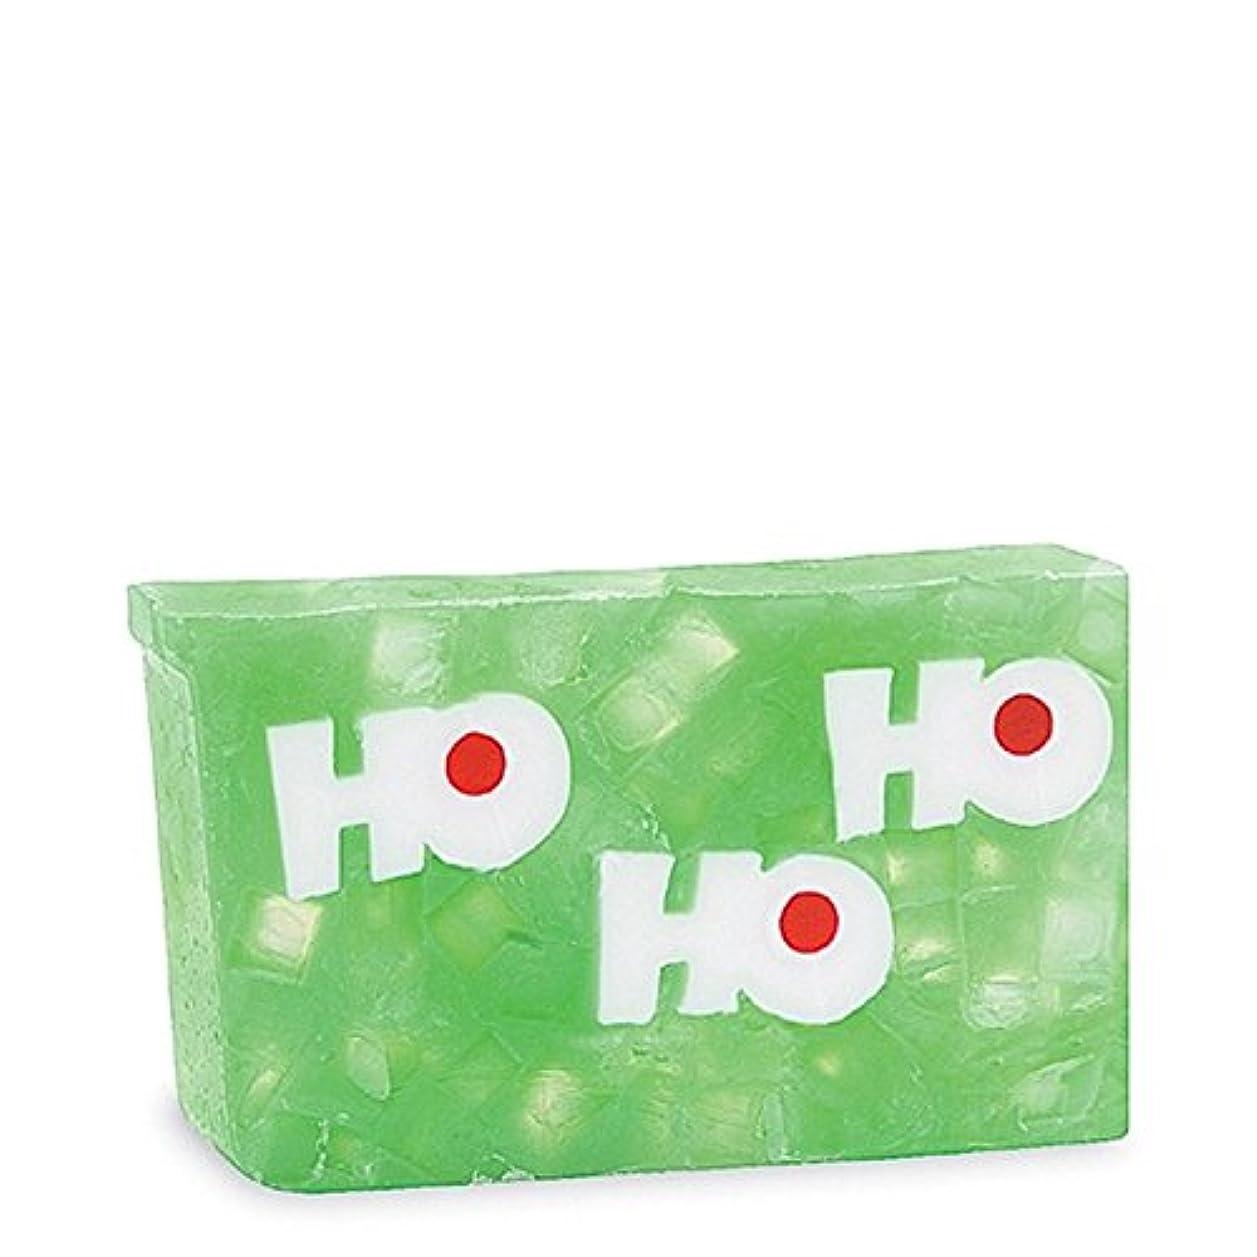 ラフト邪悪な鋸歯状Primal Elements Ho Ho Ho Soap - 原初の要素ホーホーホ石鹸 [並行輸入品]